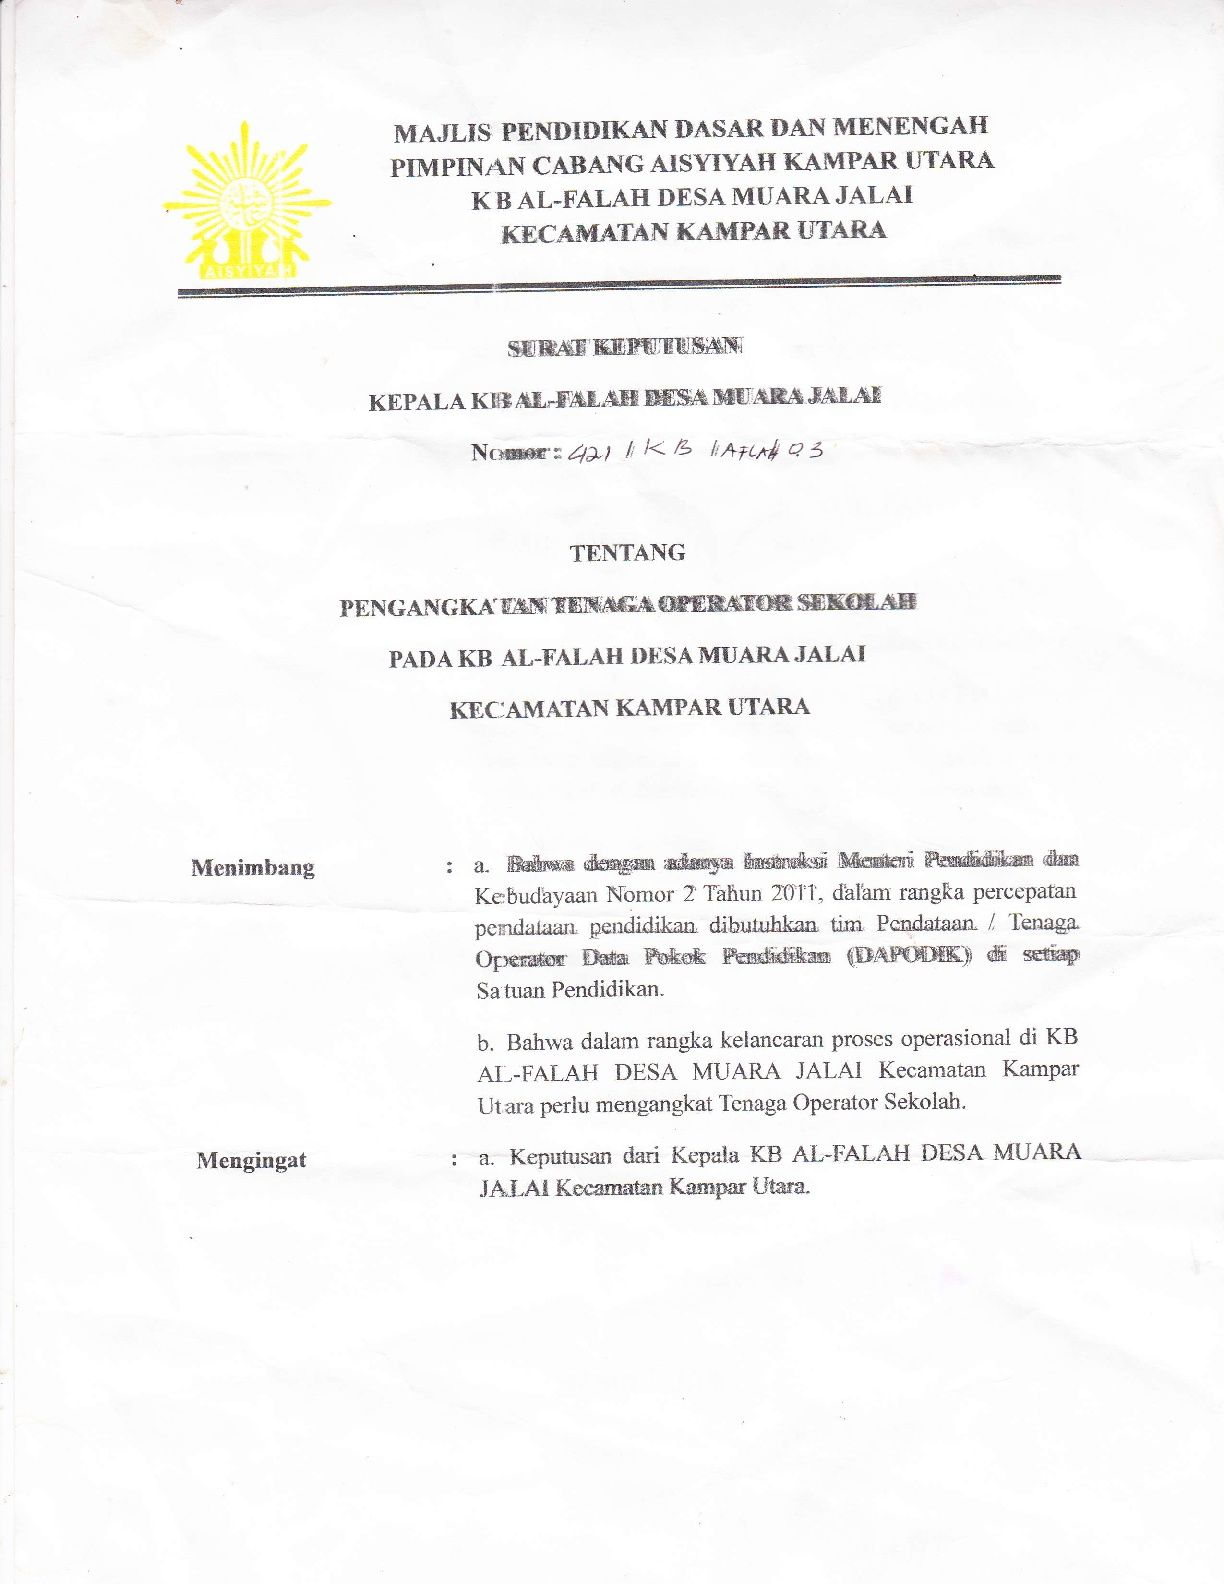 Contoh Sk Operator Sekolah Tk Paud Secercah Ilmu Sekolah Pendidikan Dasar Kop Surat